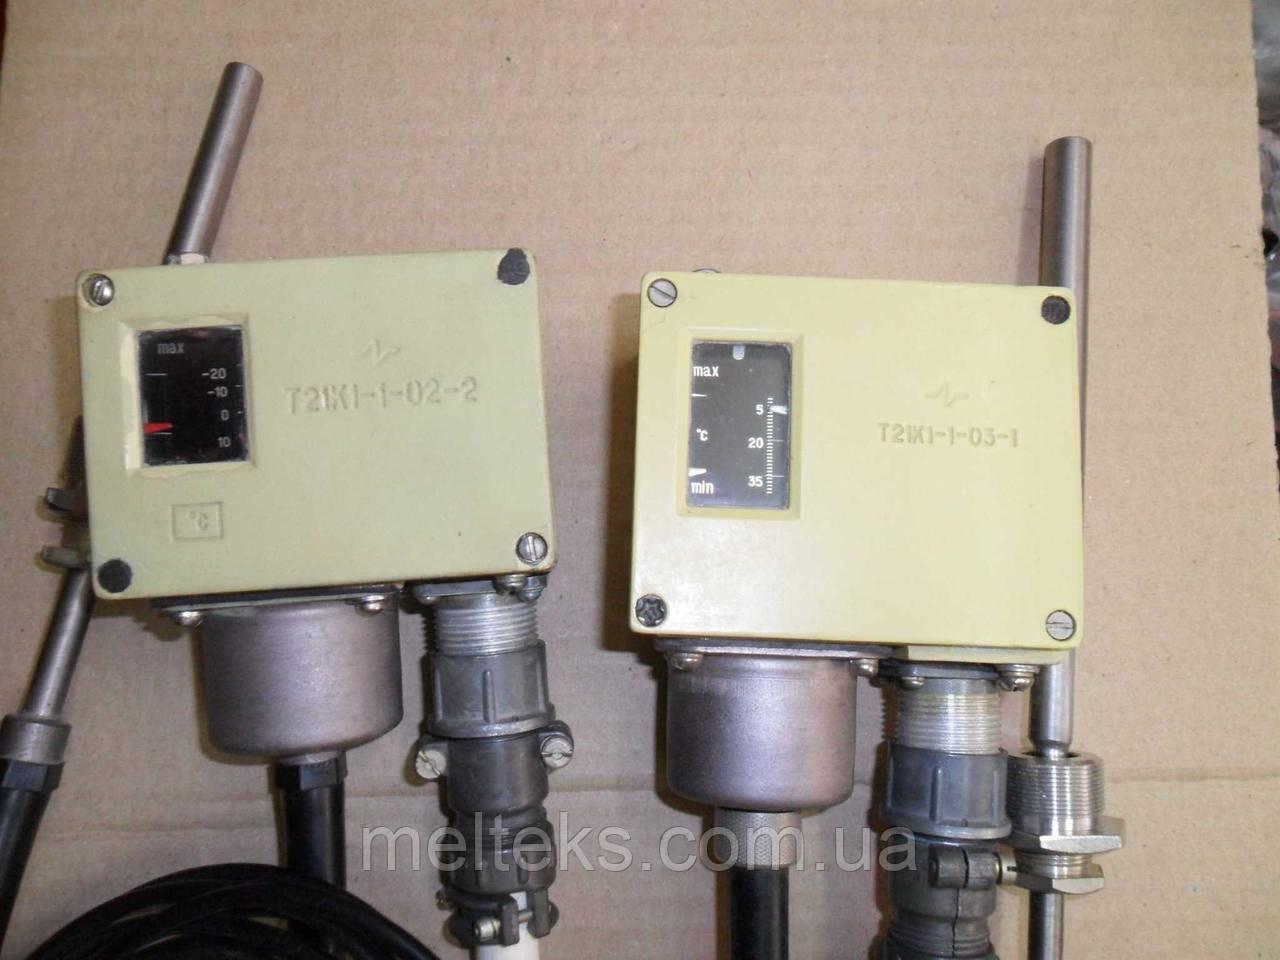 Терморегулятор Т21К1